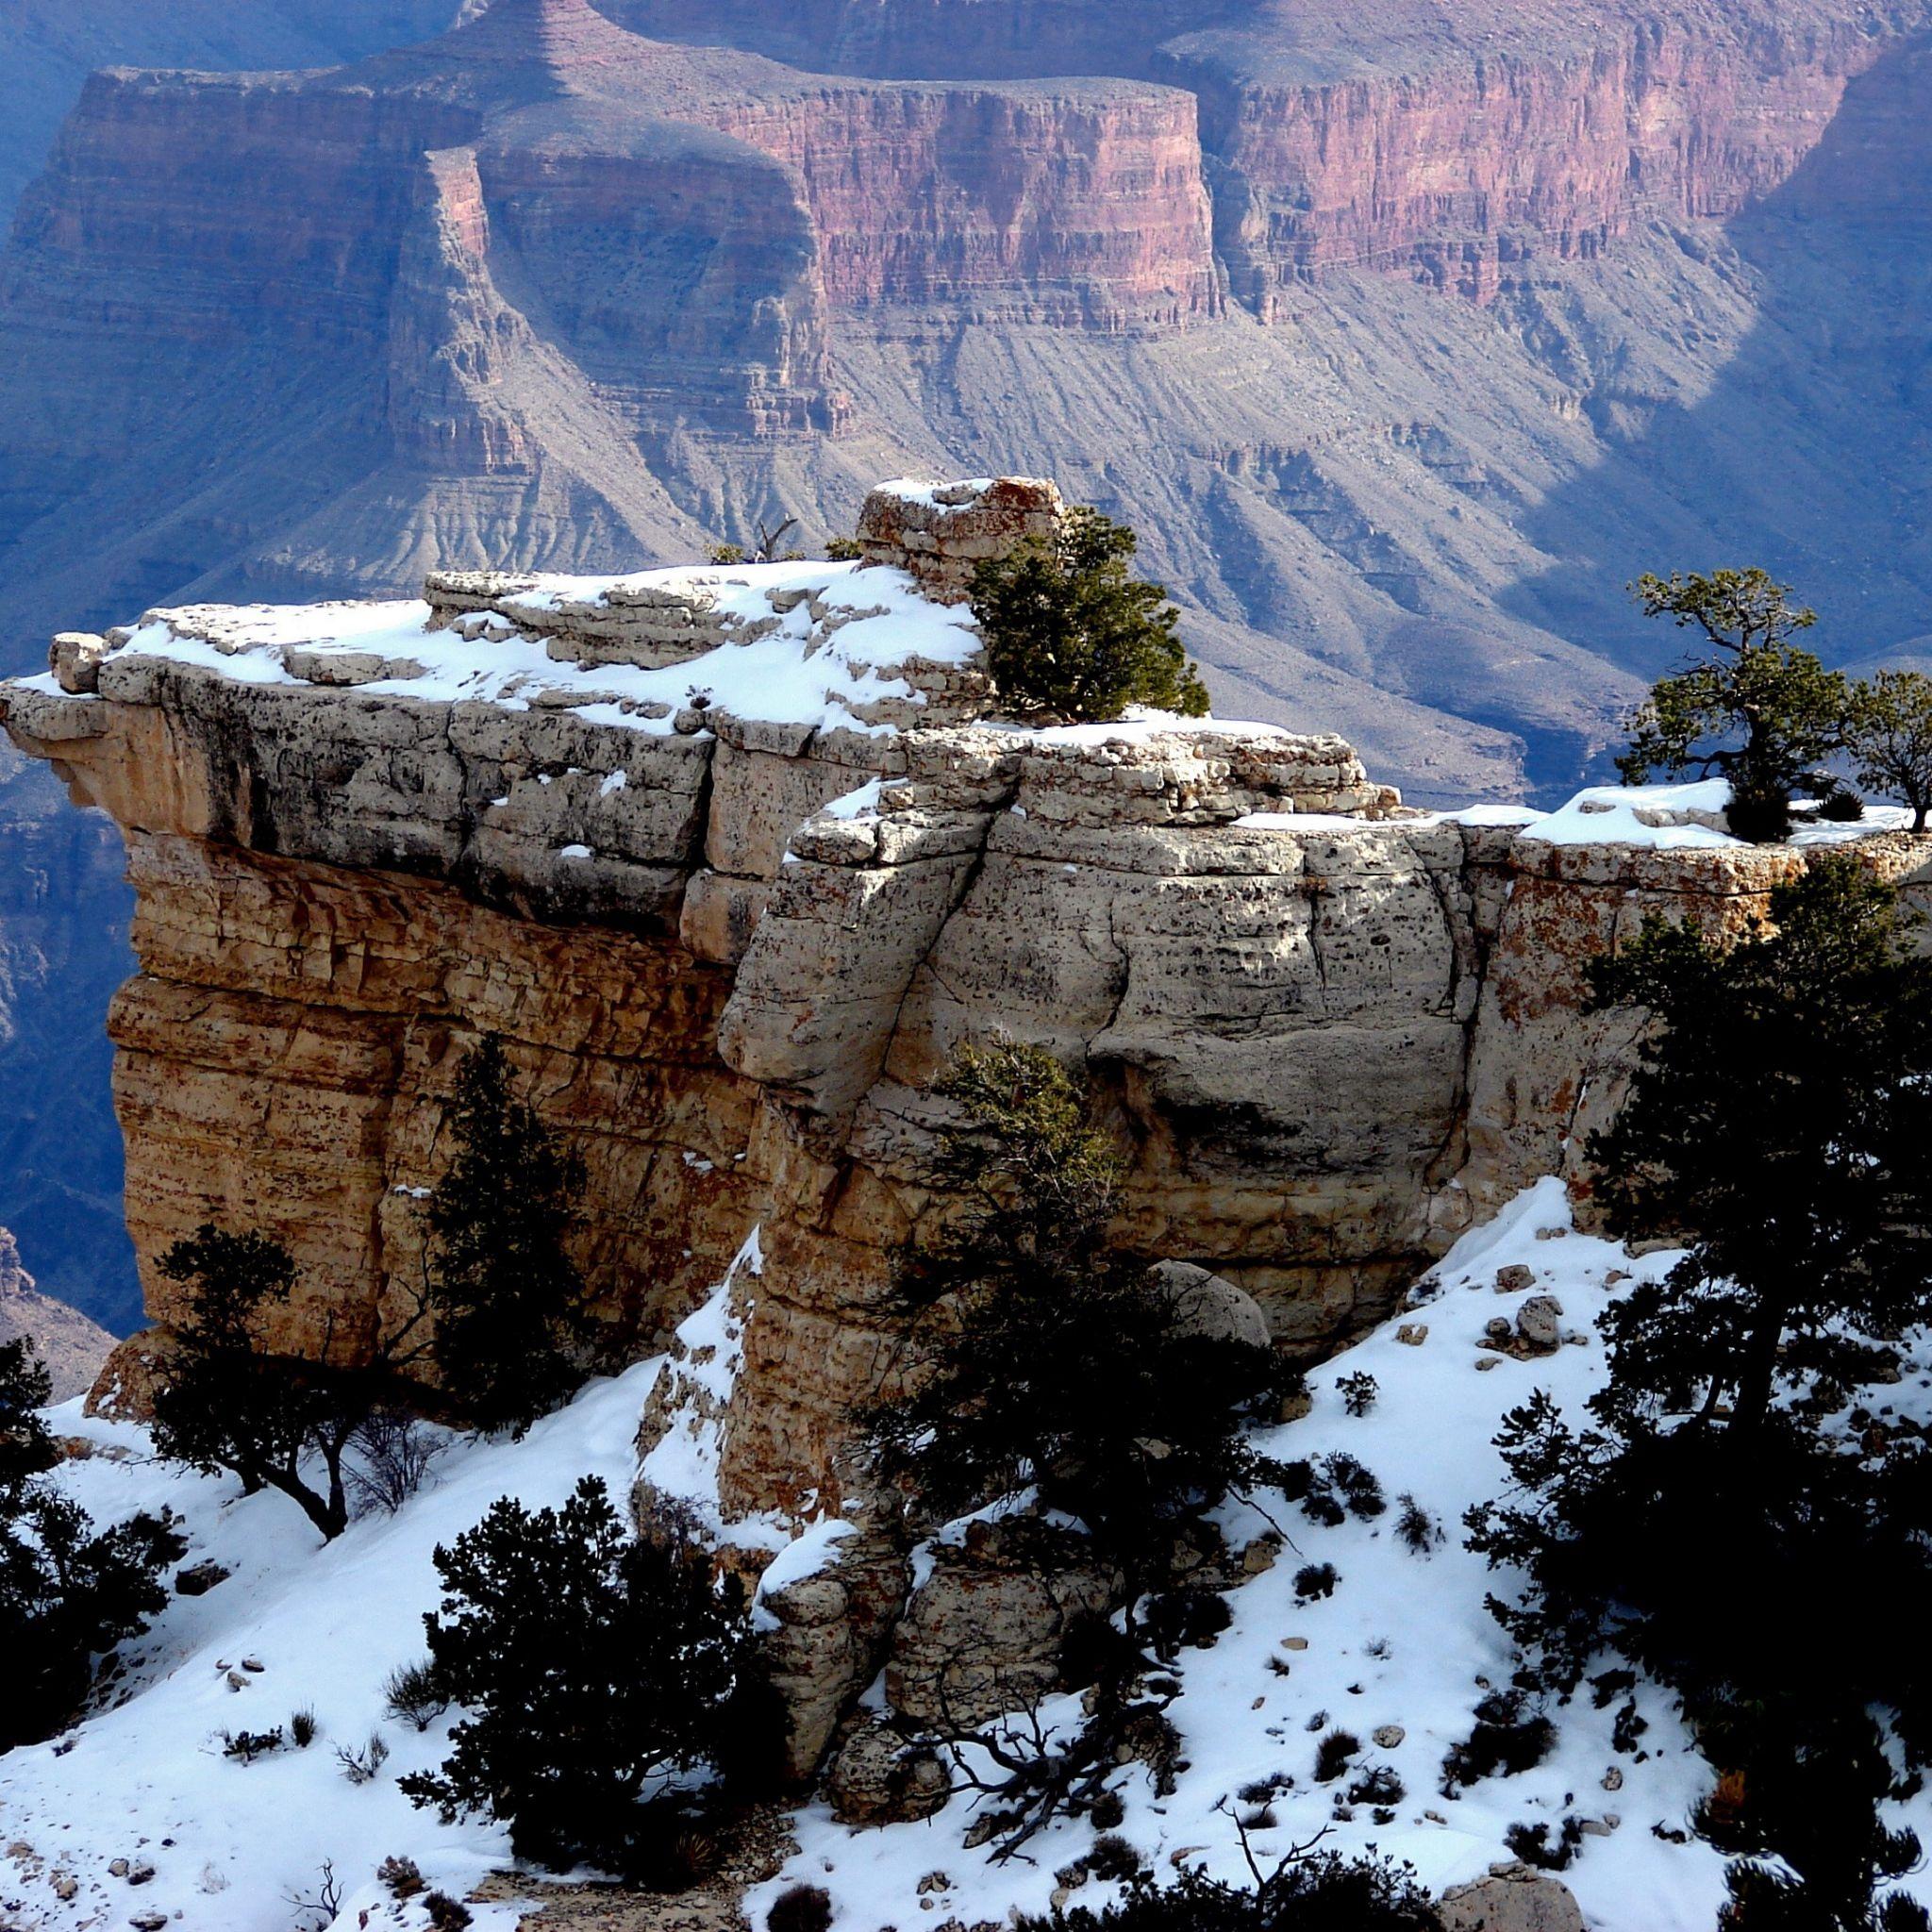 2048x2048 Papel de Parede montanhas, rochas, neve, árvores, paisagem